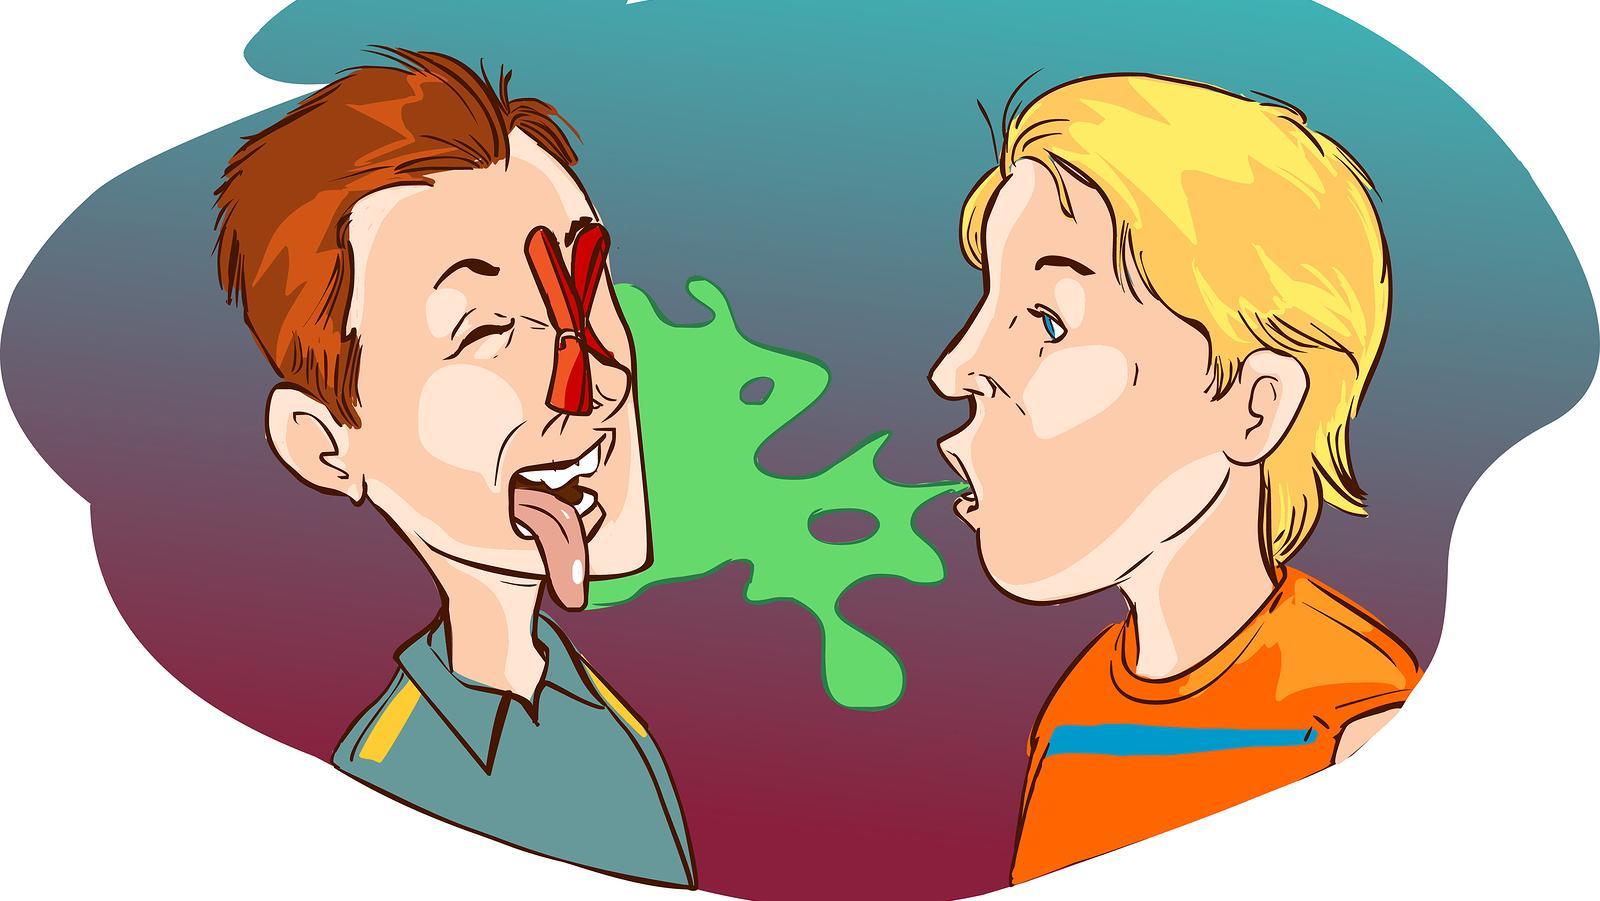 mit mond a szájszag?